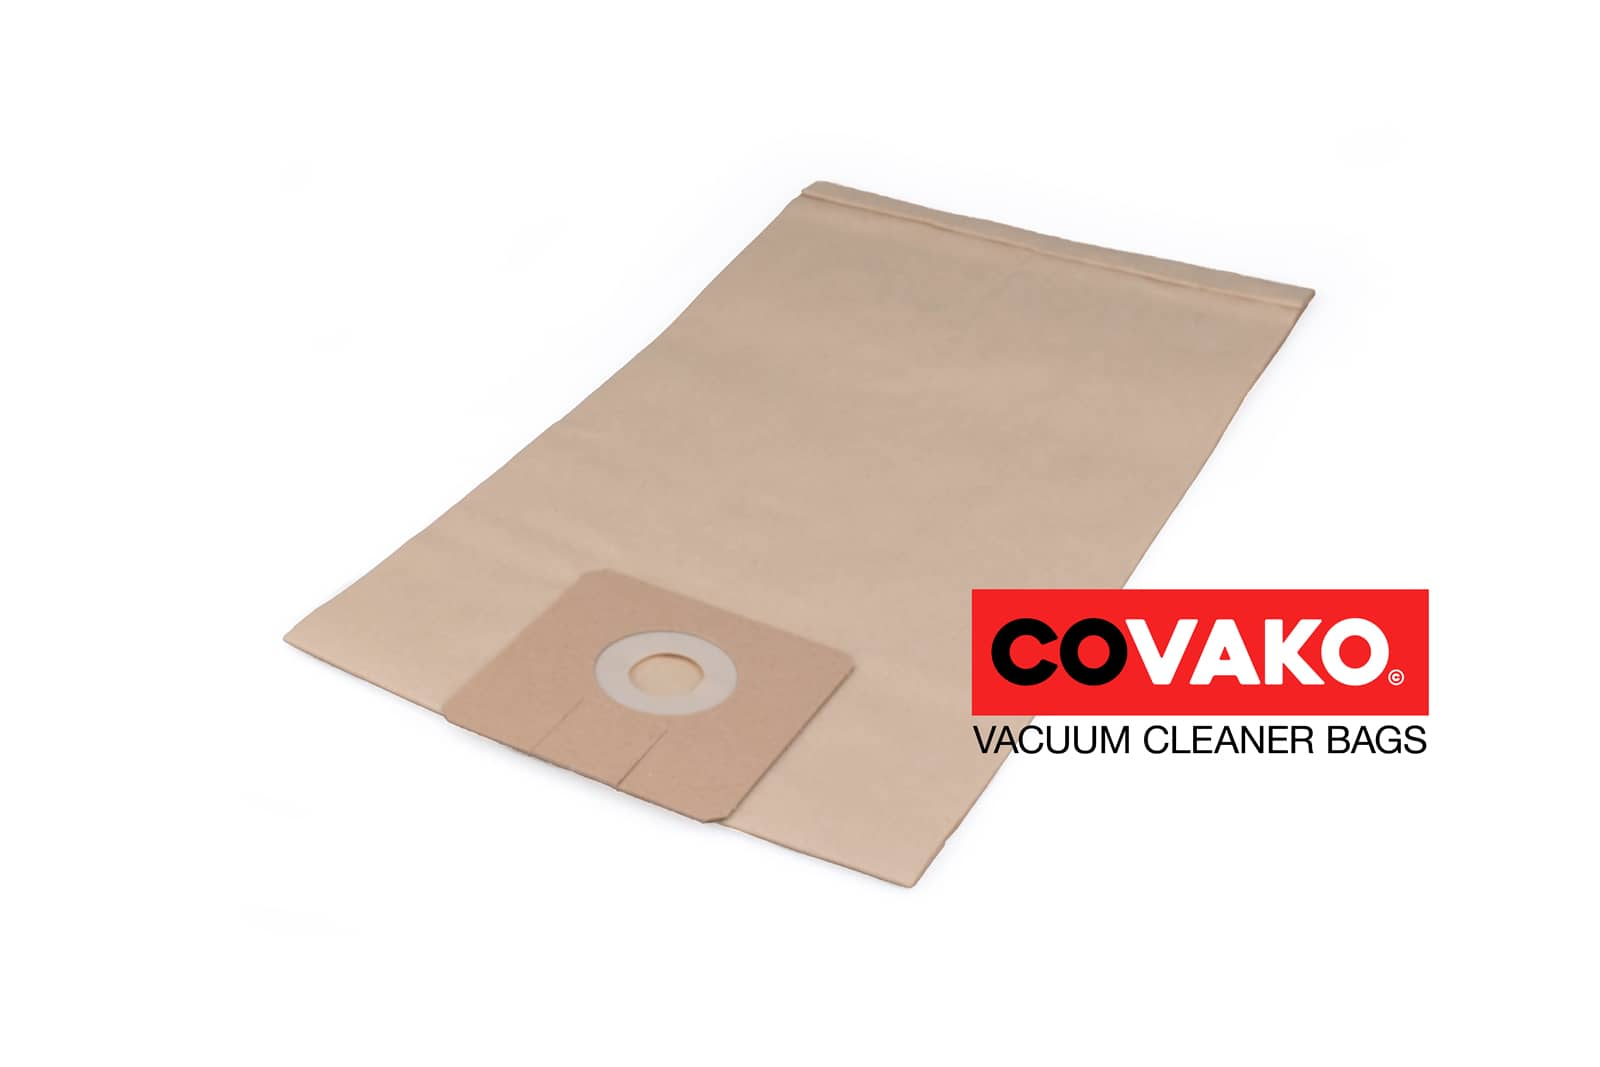 Tennant SM 115 / Papier - Tennant sacs d'aspirateur